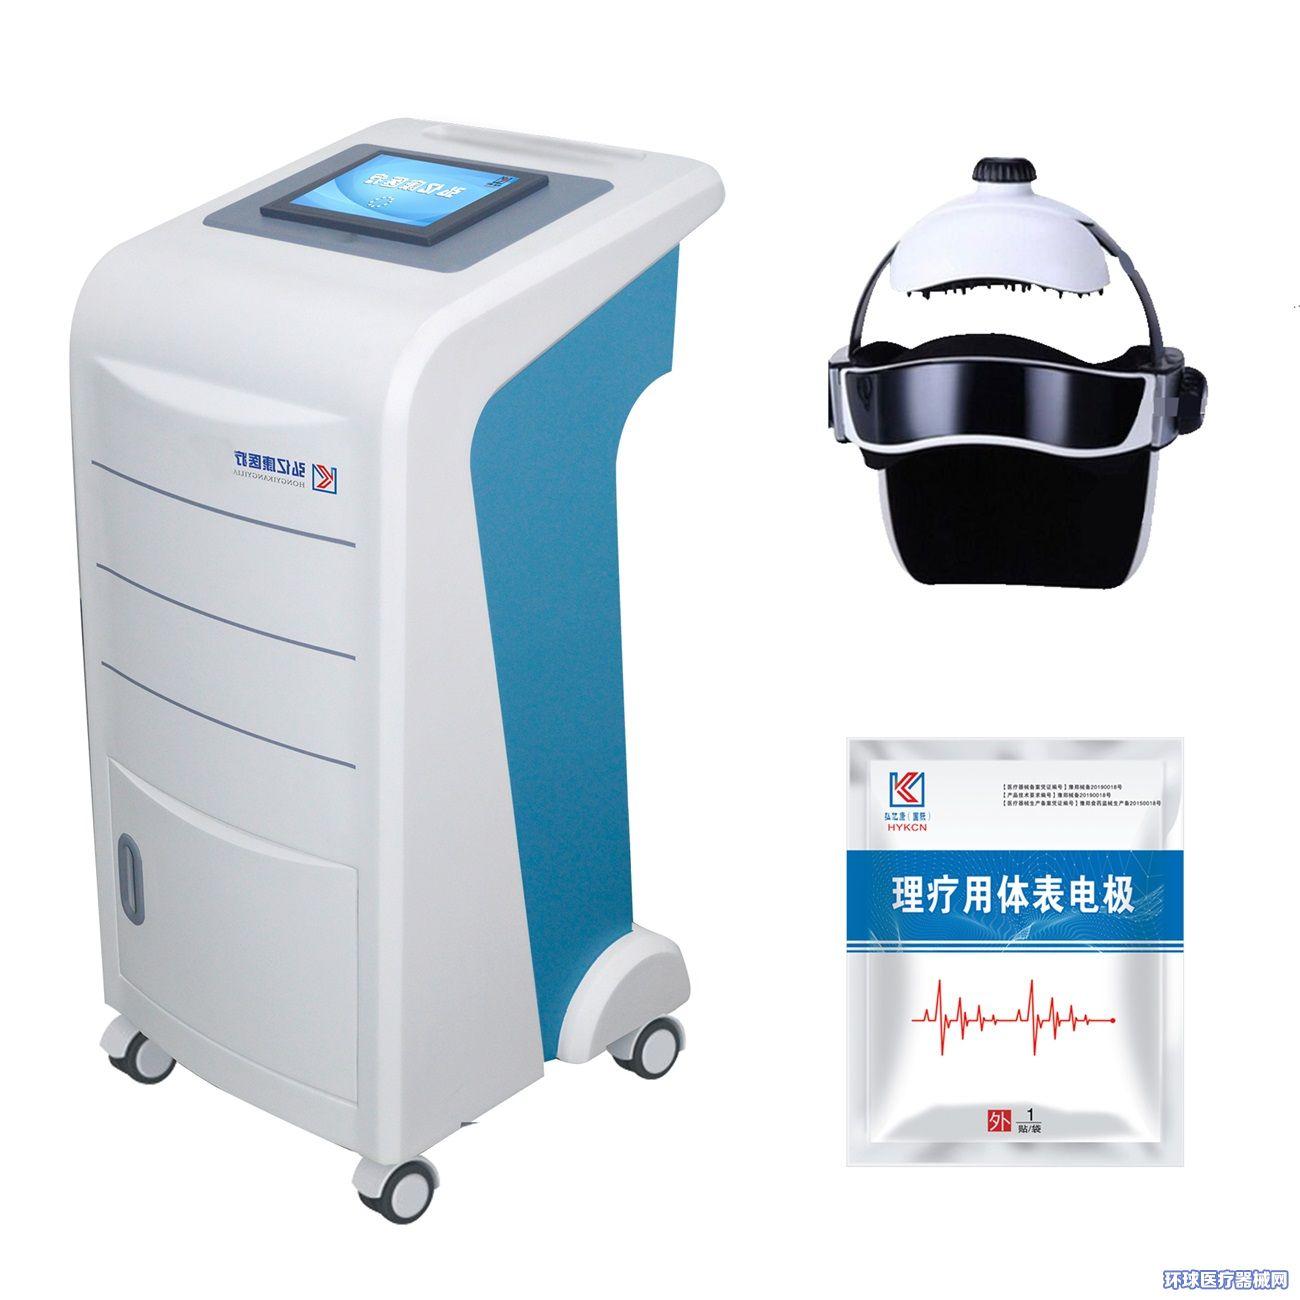 弘亿康经颅磁刺激治疗仪(脑循环功能障碍治疗仪)